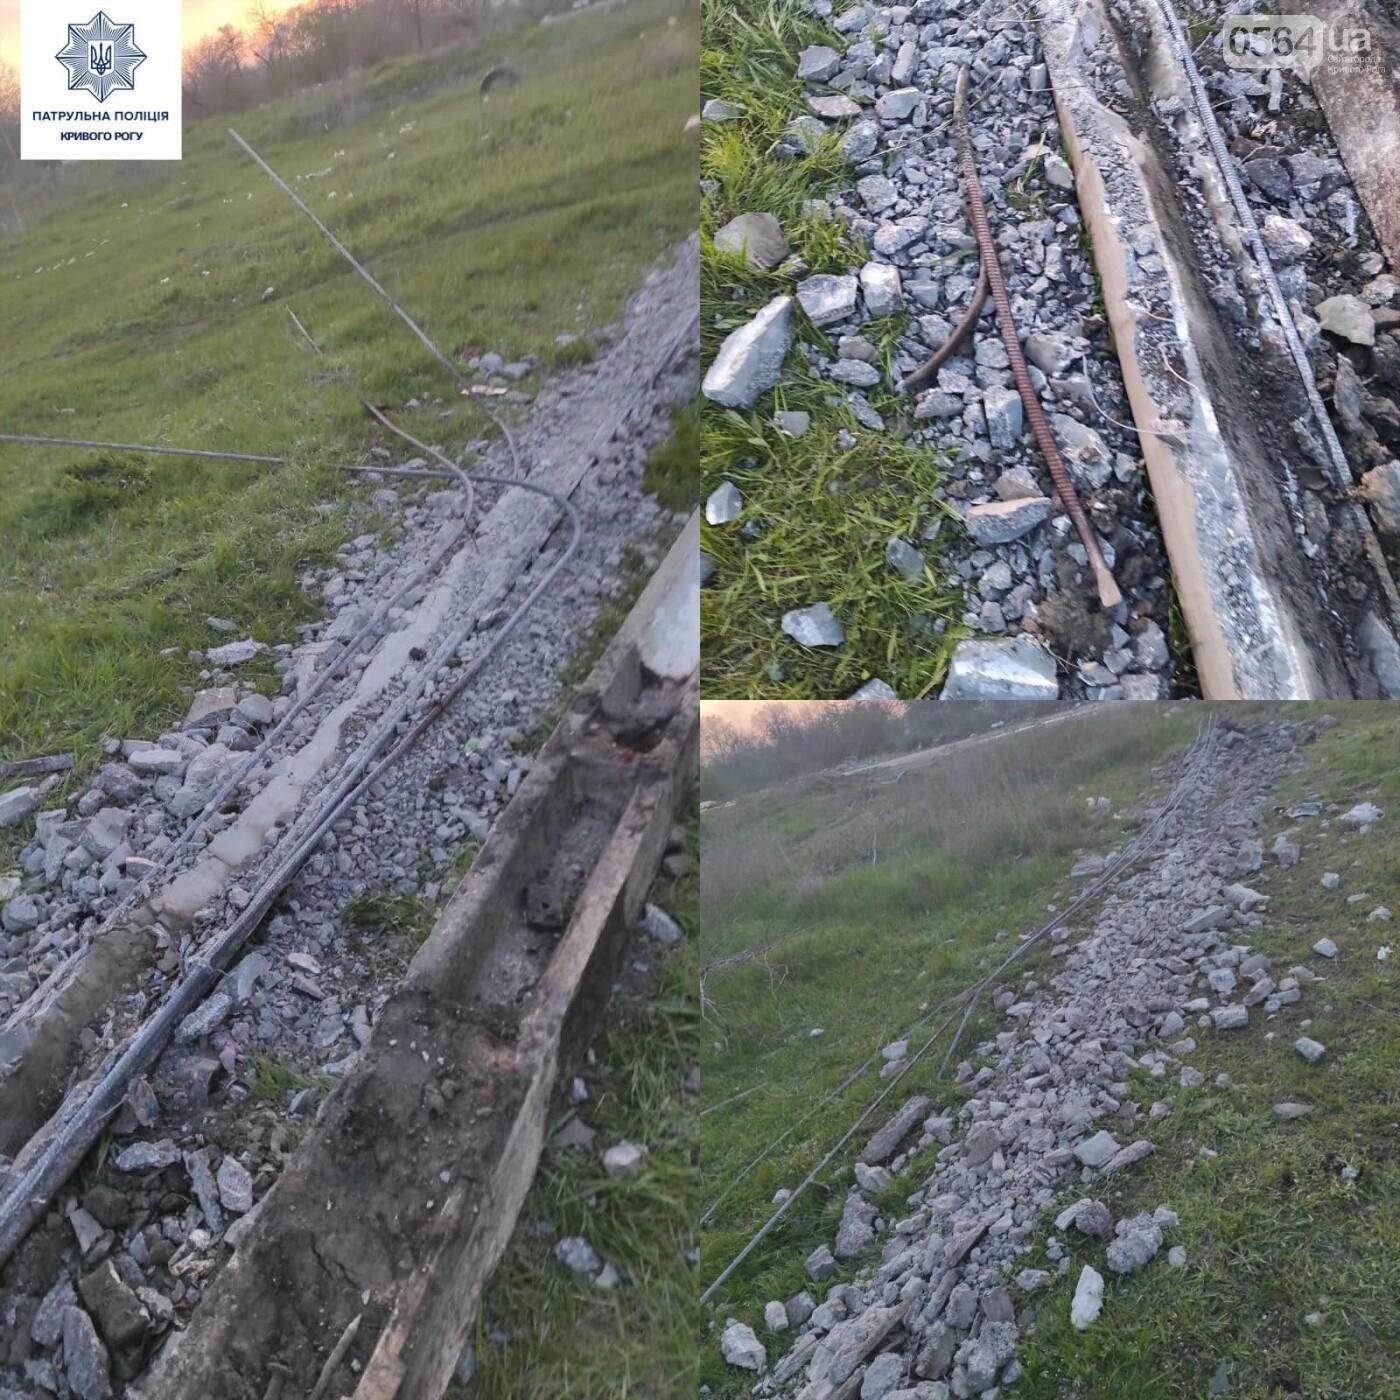 В Кривом Роге искатели металла разбивали бетонные столбы - ФОТО, фото-2